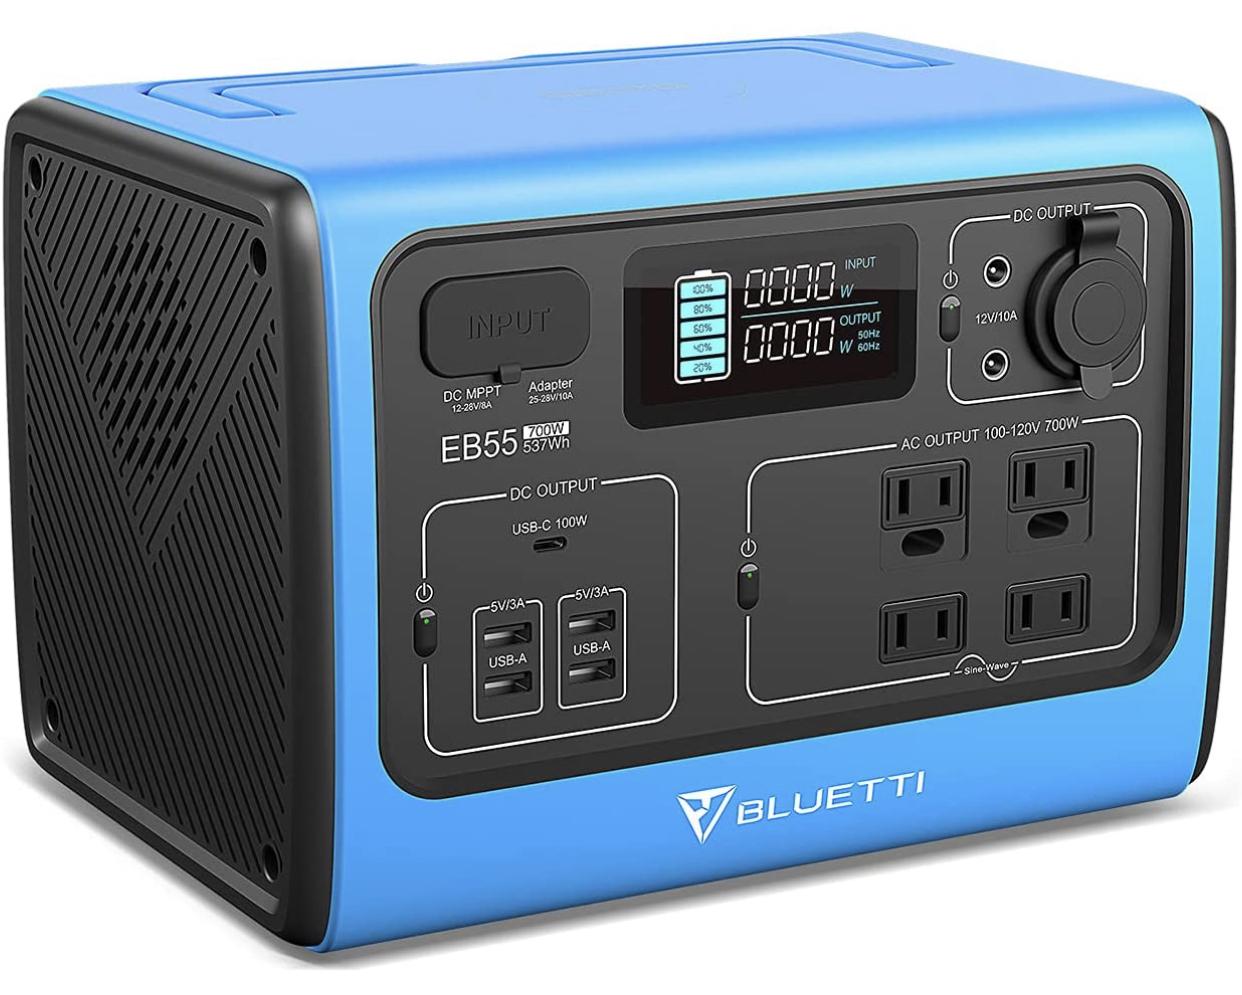 A display of the BLUETTI EB55 portable solar generator